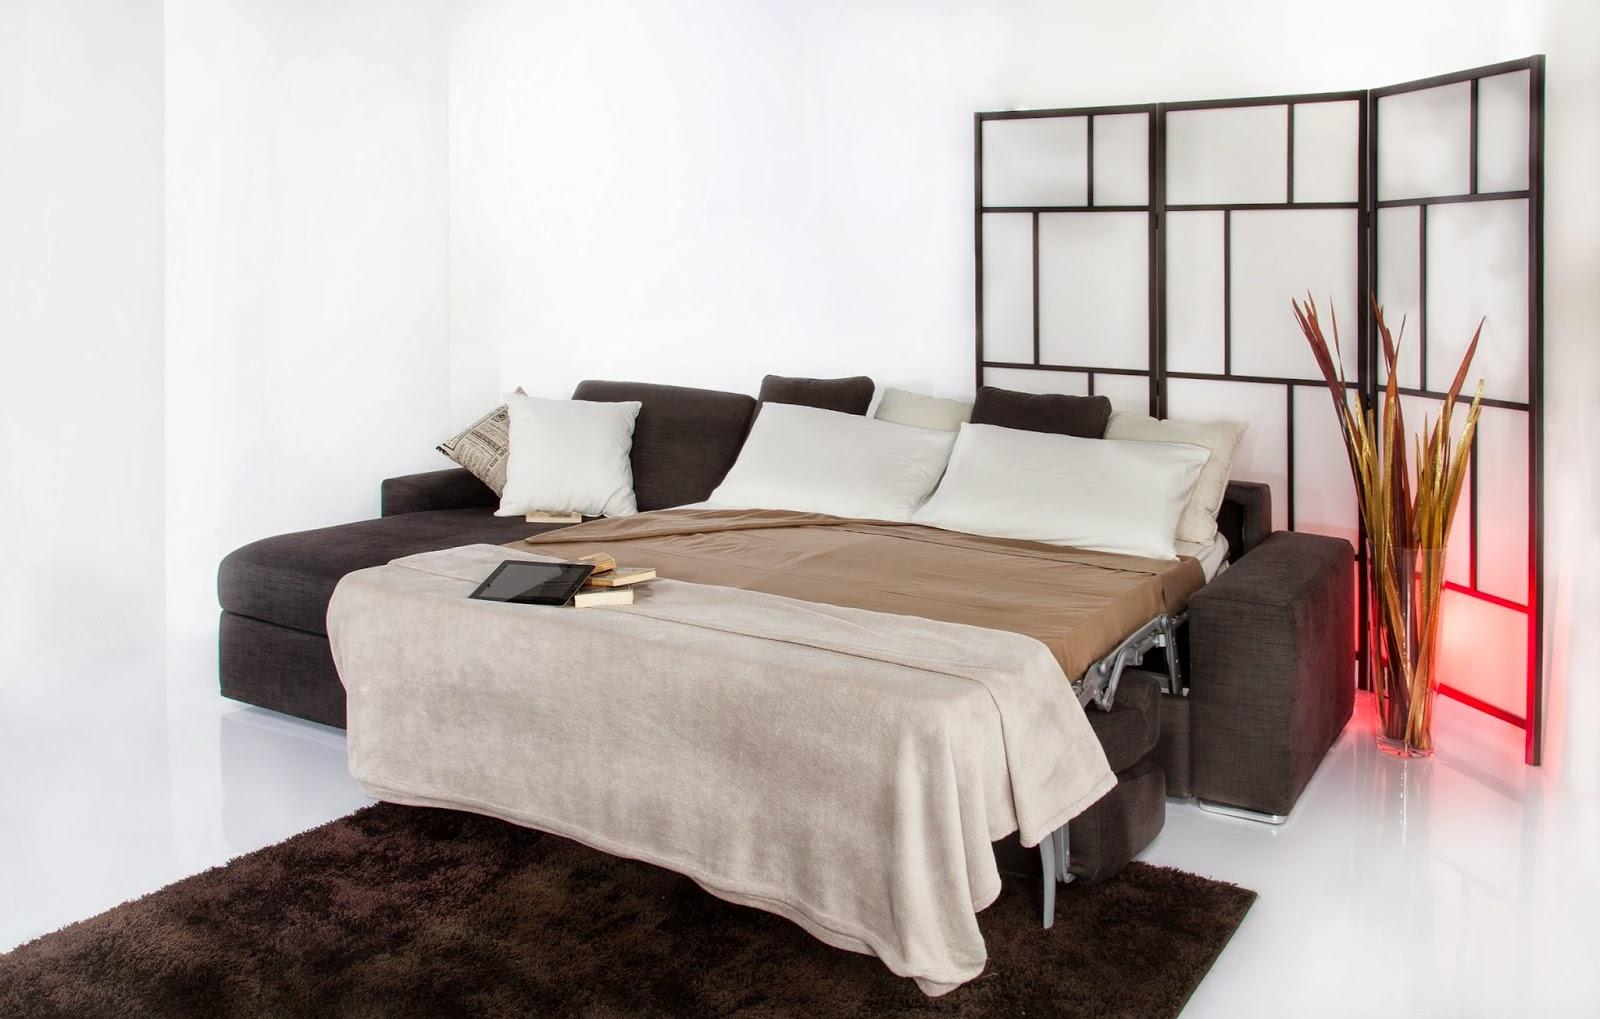 Divani blog tino mariani 12 gennaio 2014 - Trasformare letto in divano ...